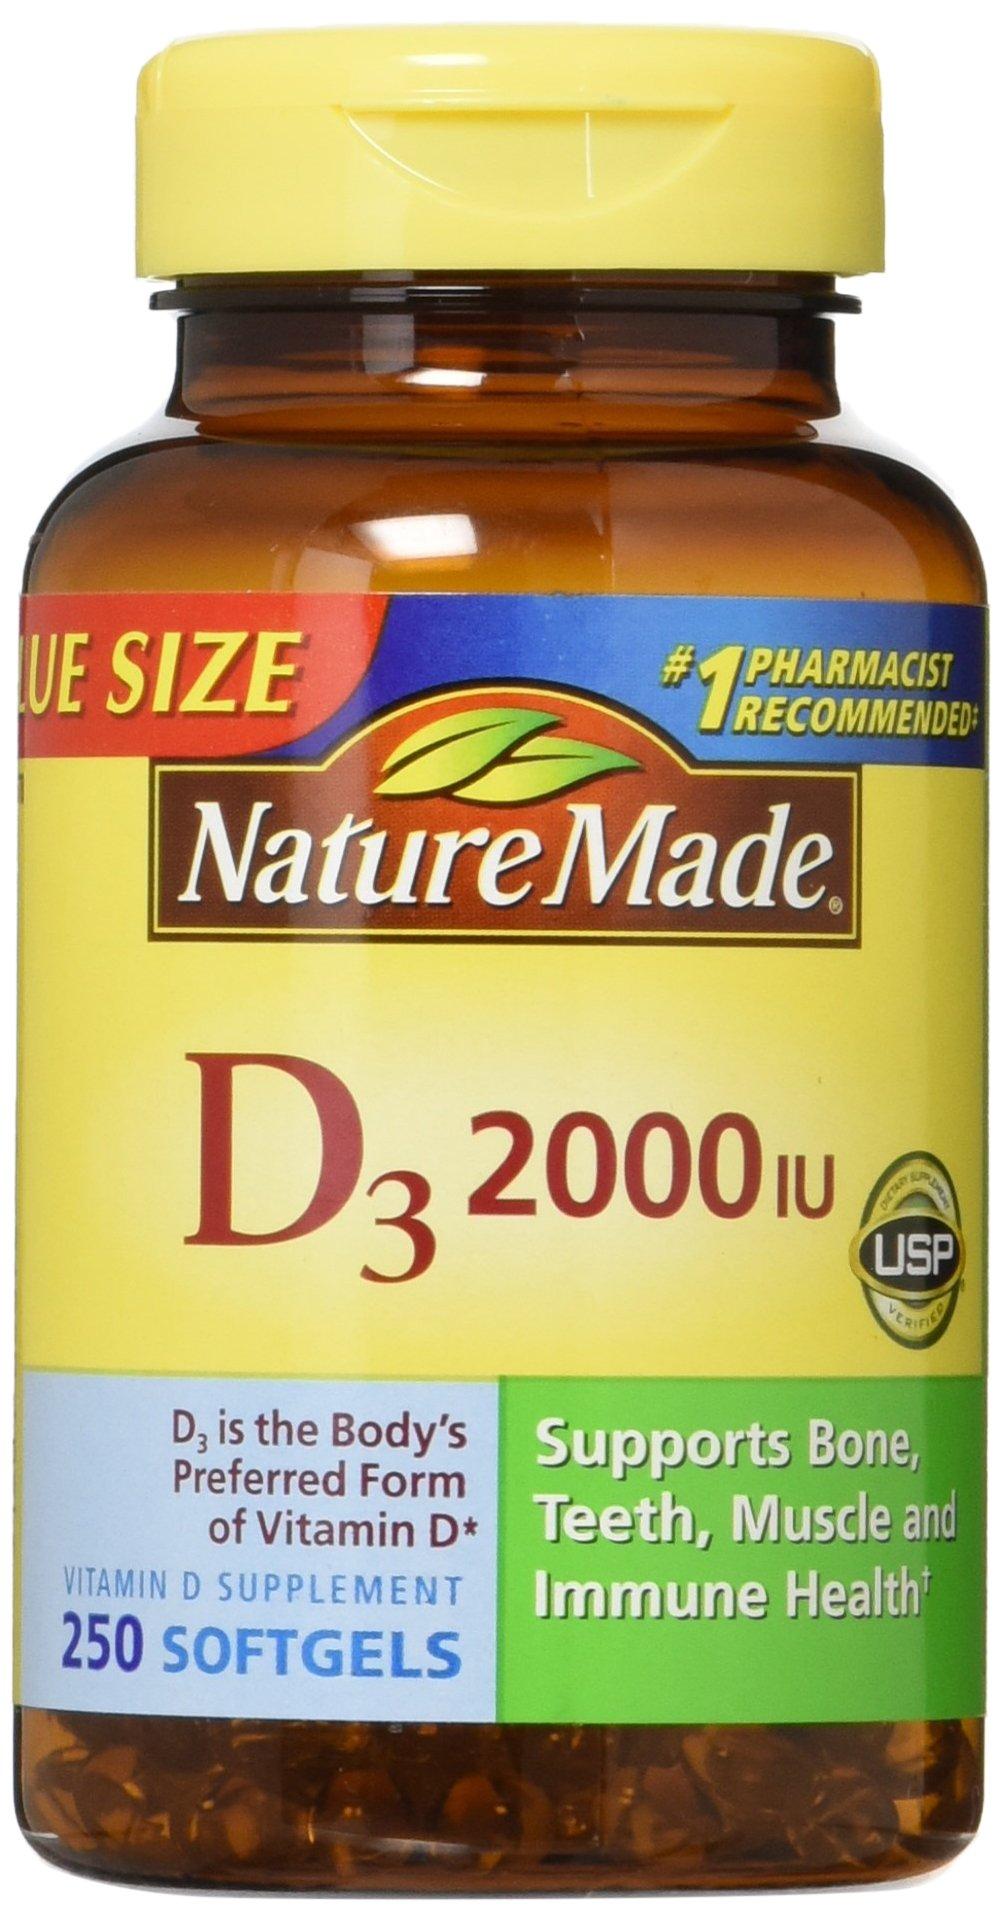 Nature Made, Vitamin D3 2,000 I.U. Liquid Softgels, 250-Count (Pack of 2)